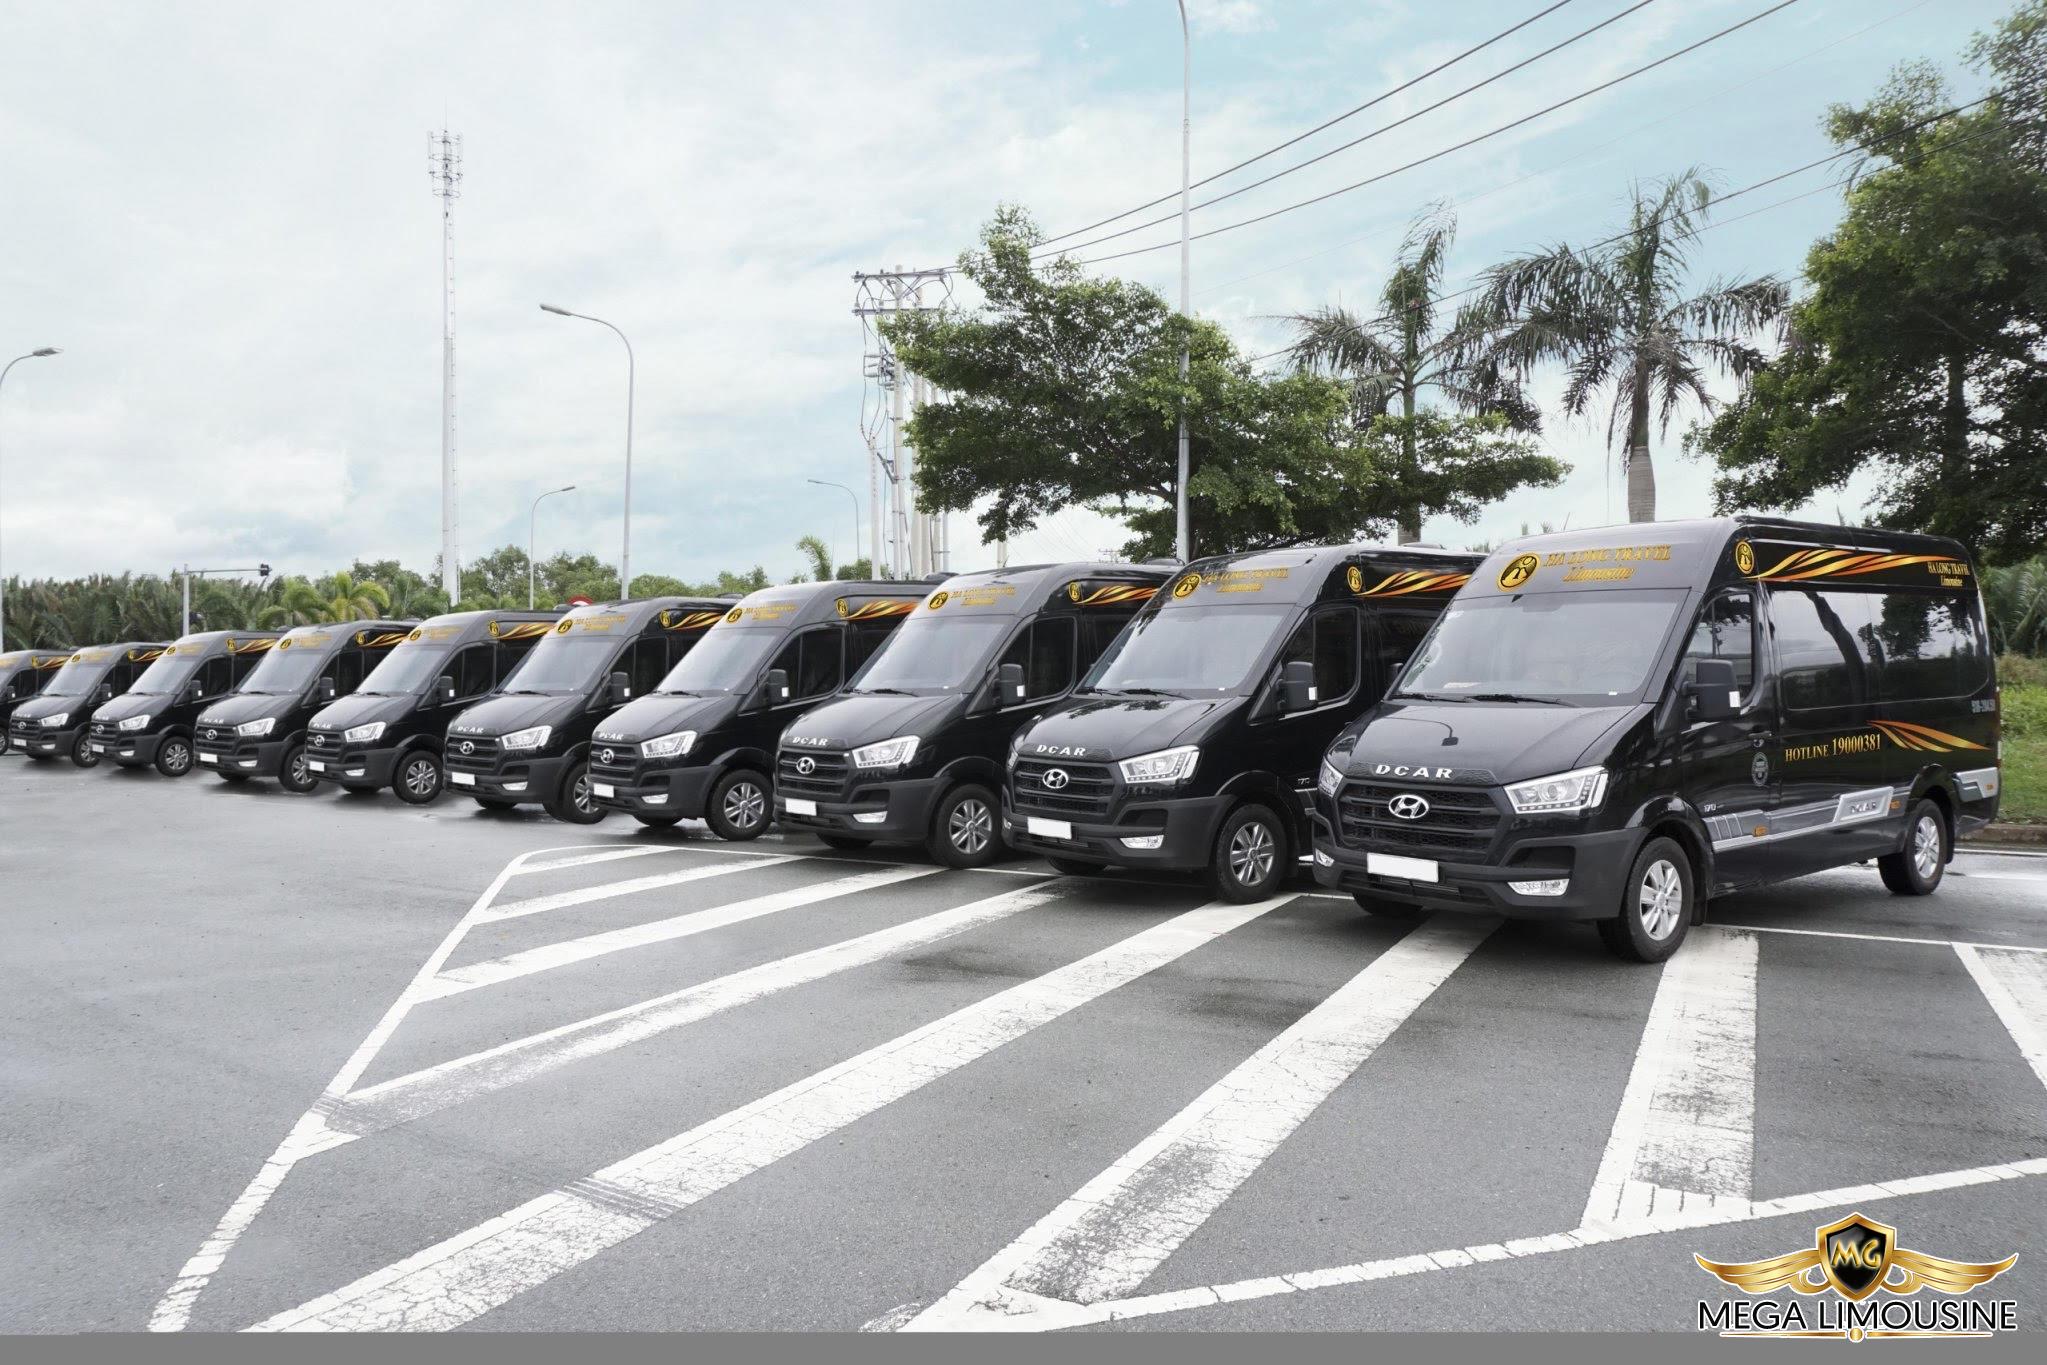 Di chuyển bằng xe limousine Hà Nội Hải Phòng khách hàng sẽ được trải nghiệm dịch vụ xe khách chất lượng cao bậc nhất hiện nay.